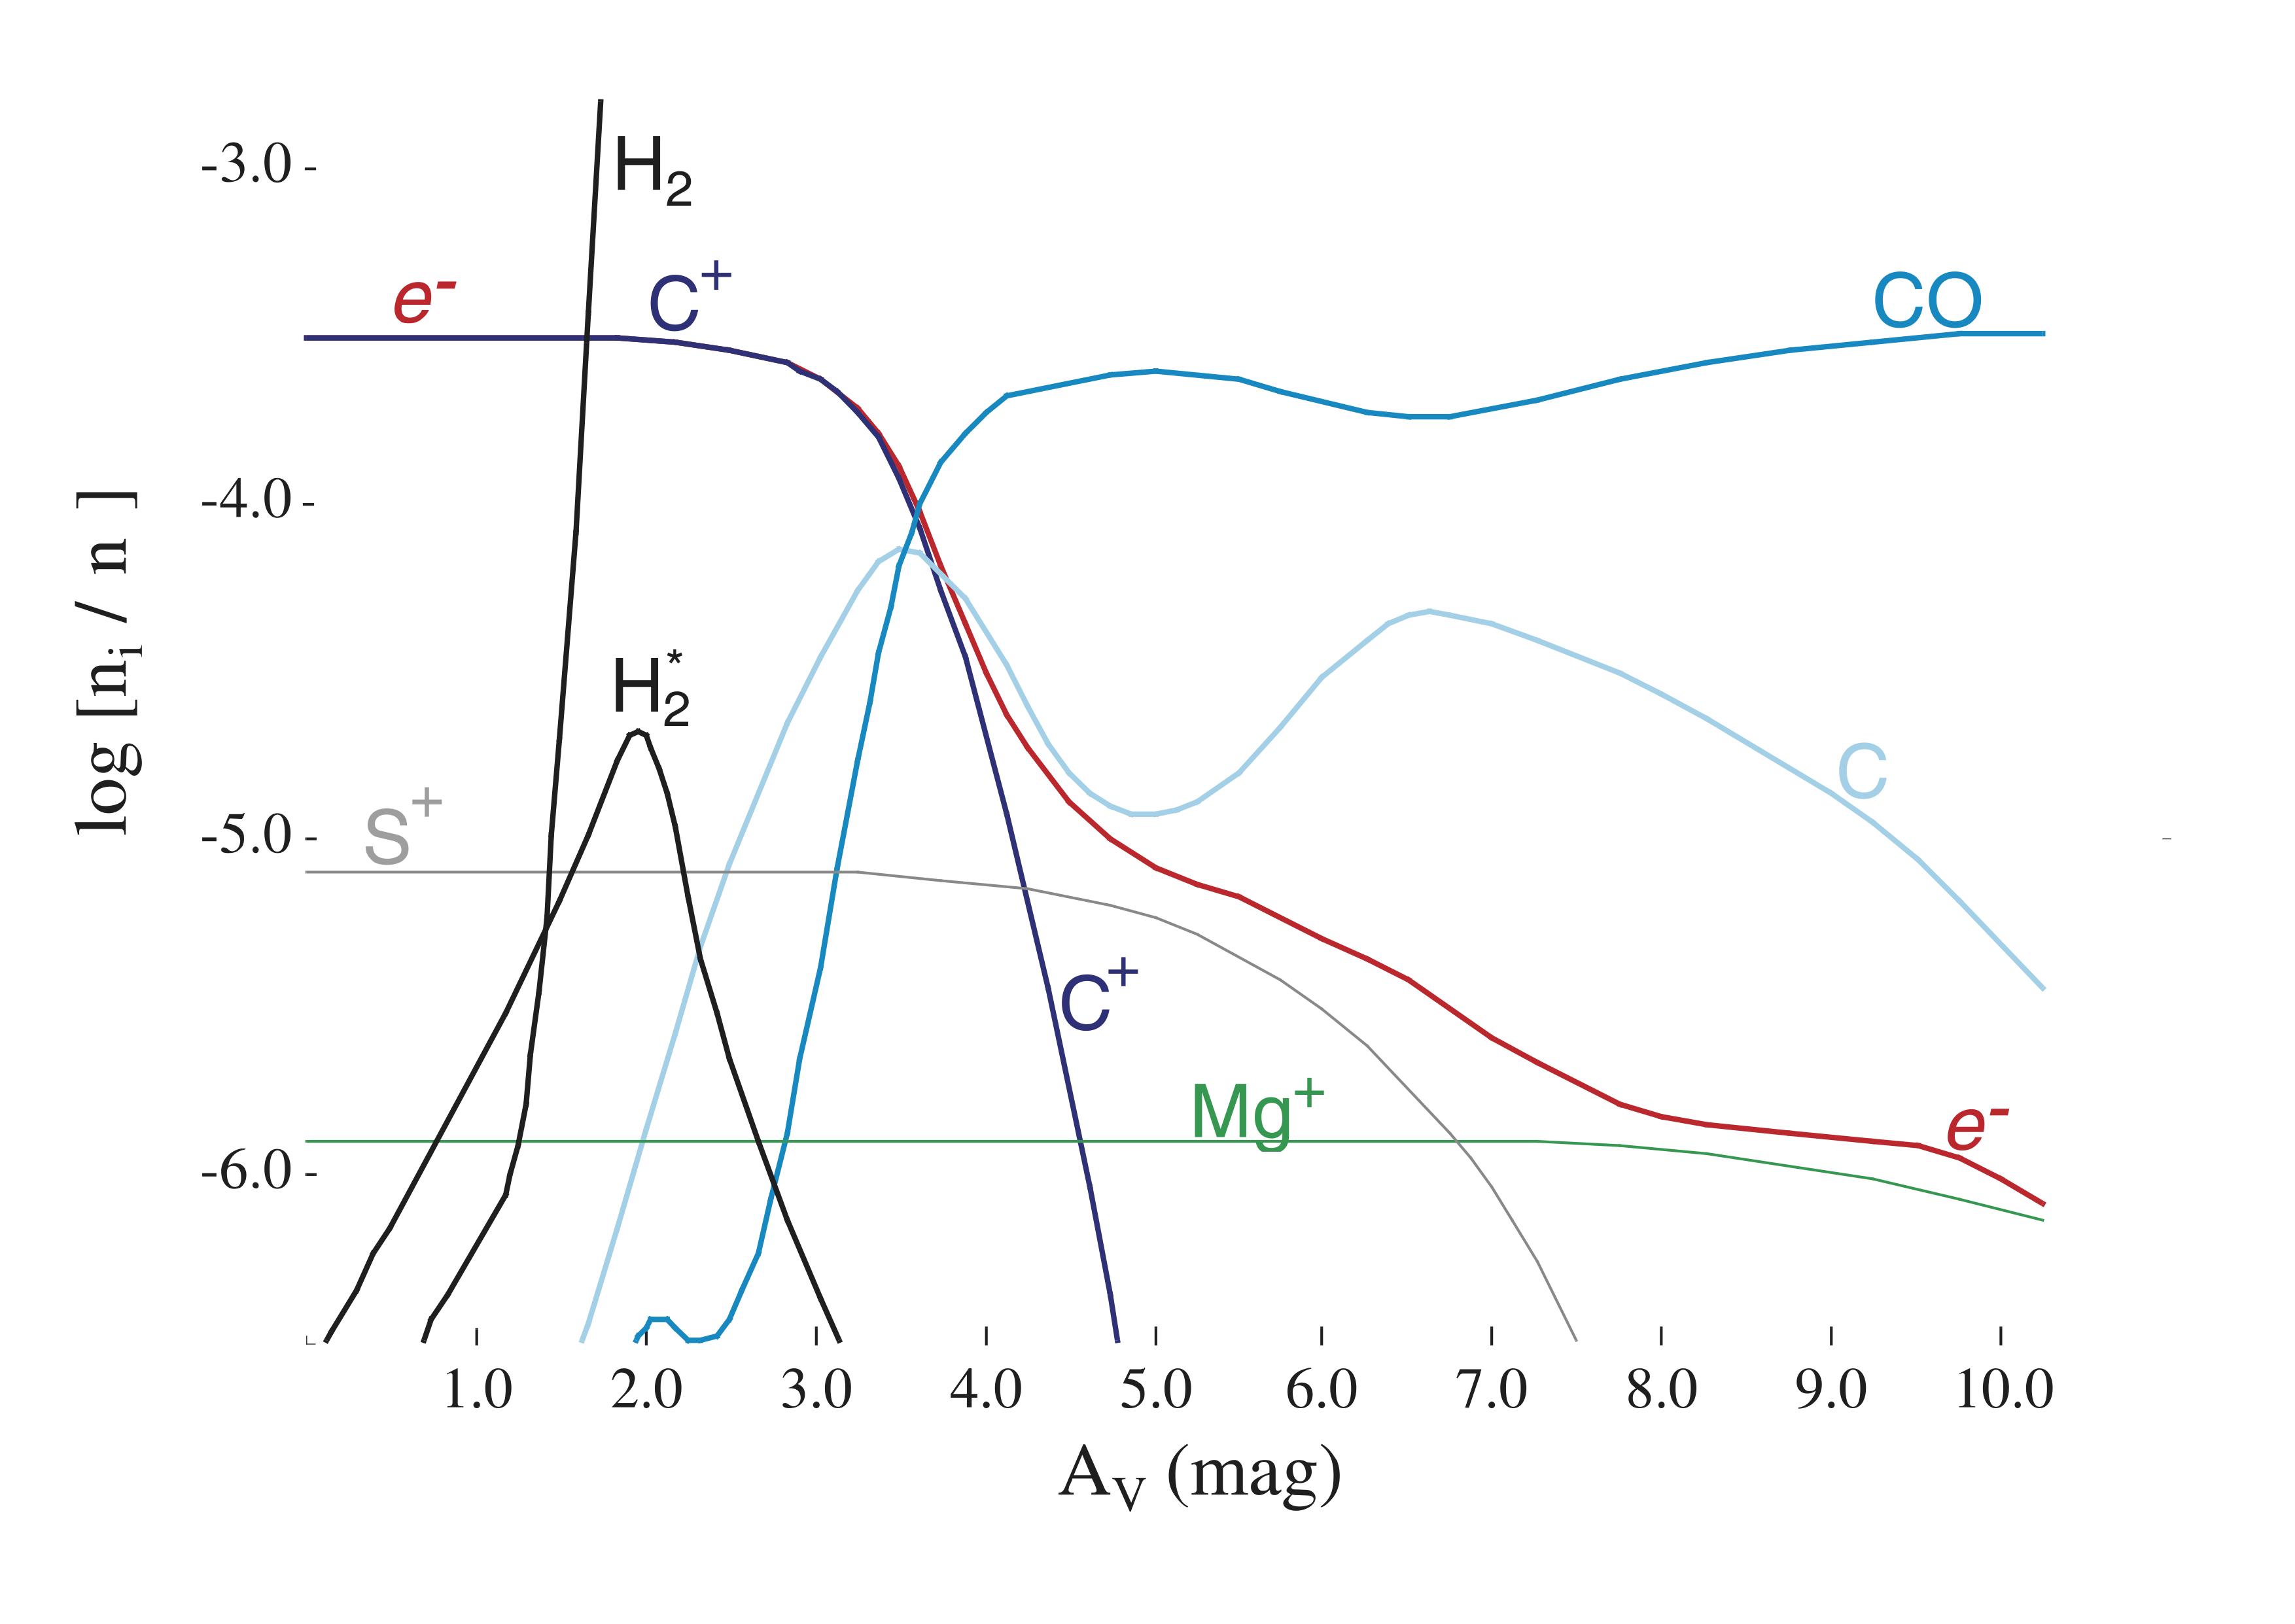 Photodissociation region schematics